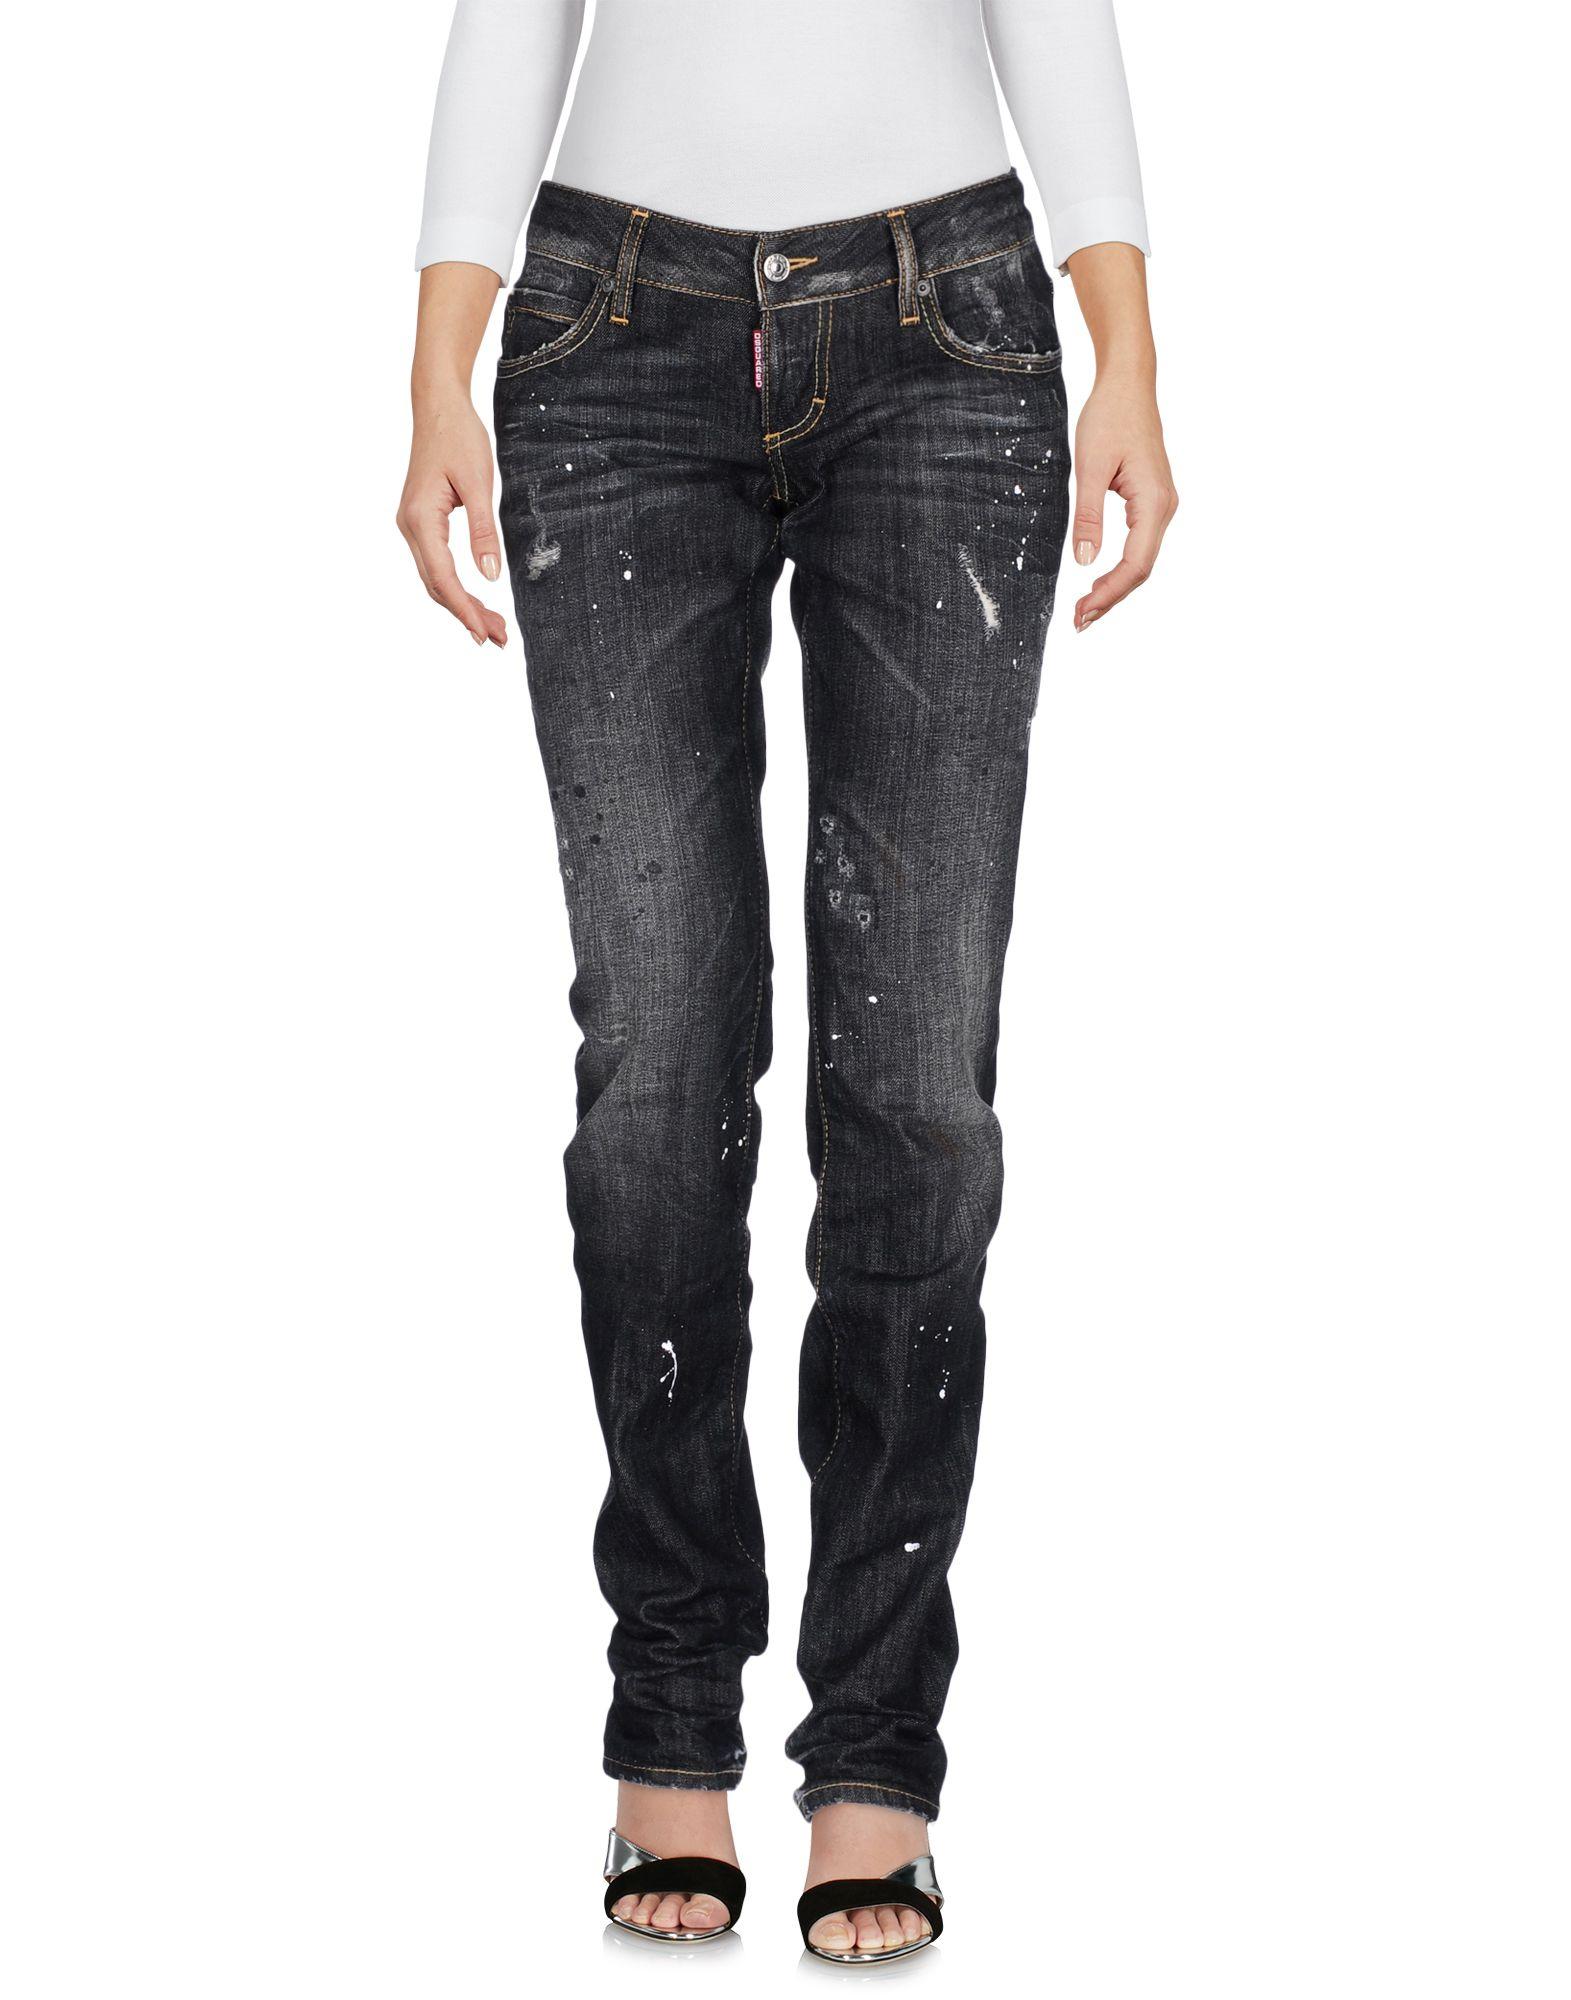 DSQUARED2 Damen Jeanshose Farbe Schwarz Größe 1 jetztbilligerkaufen